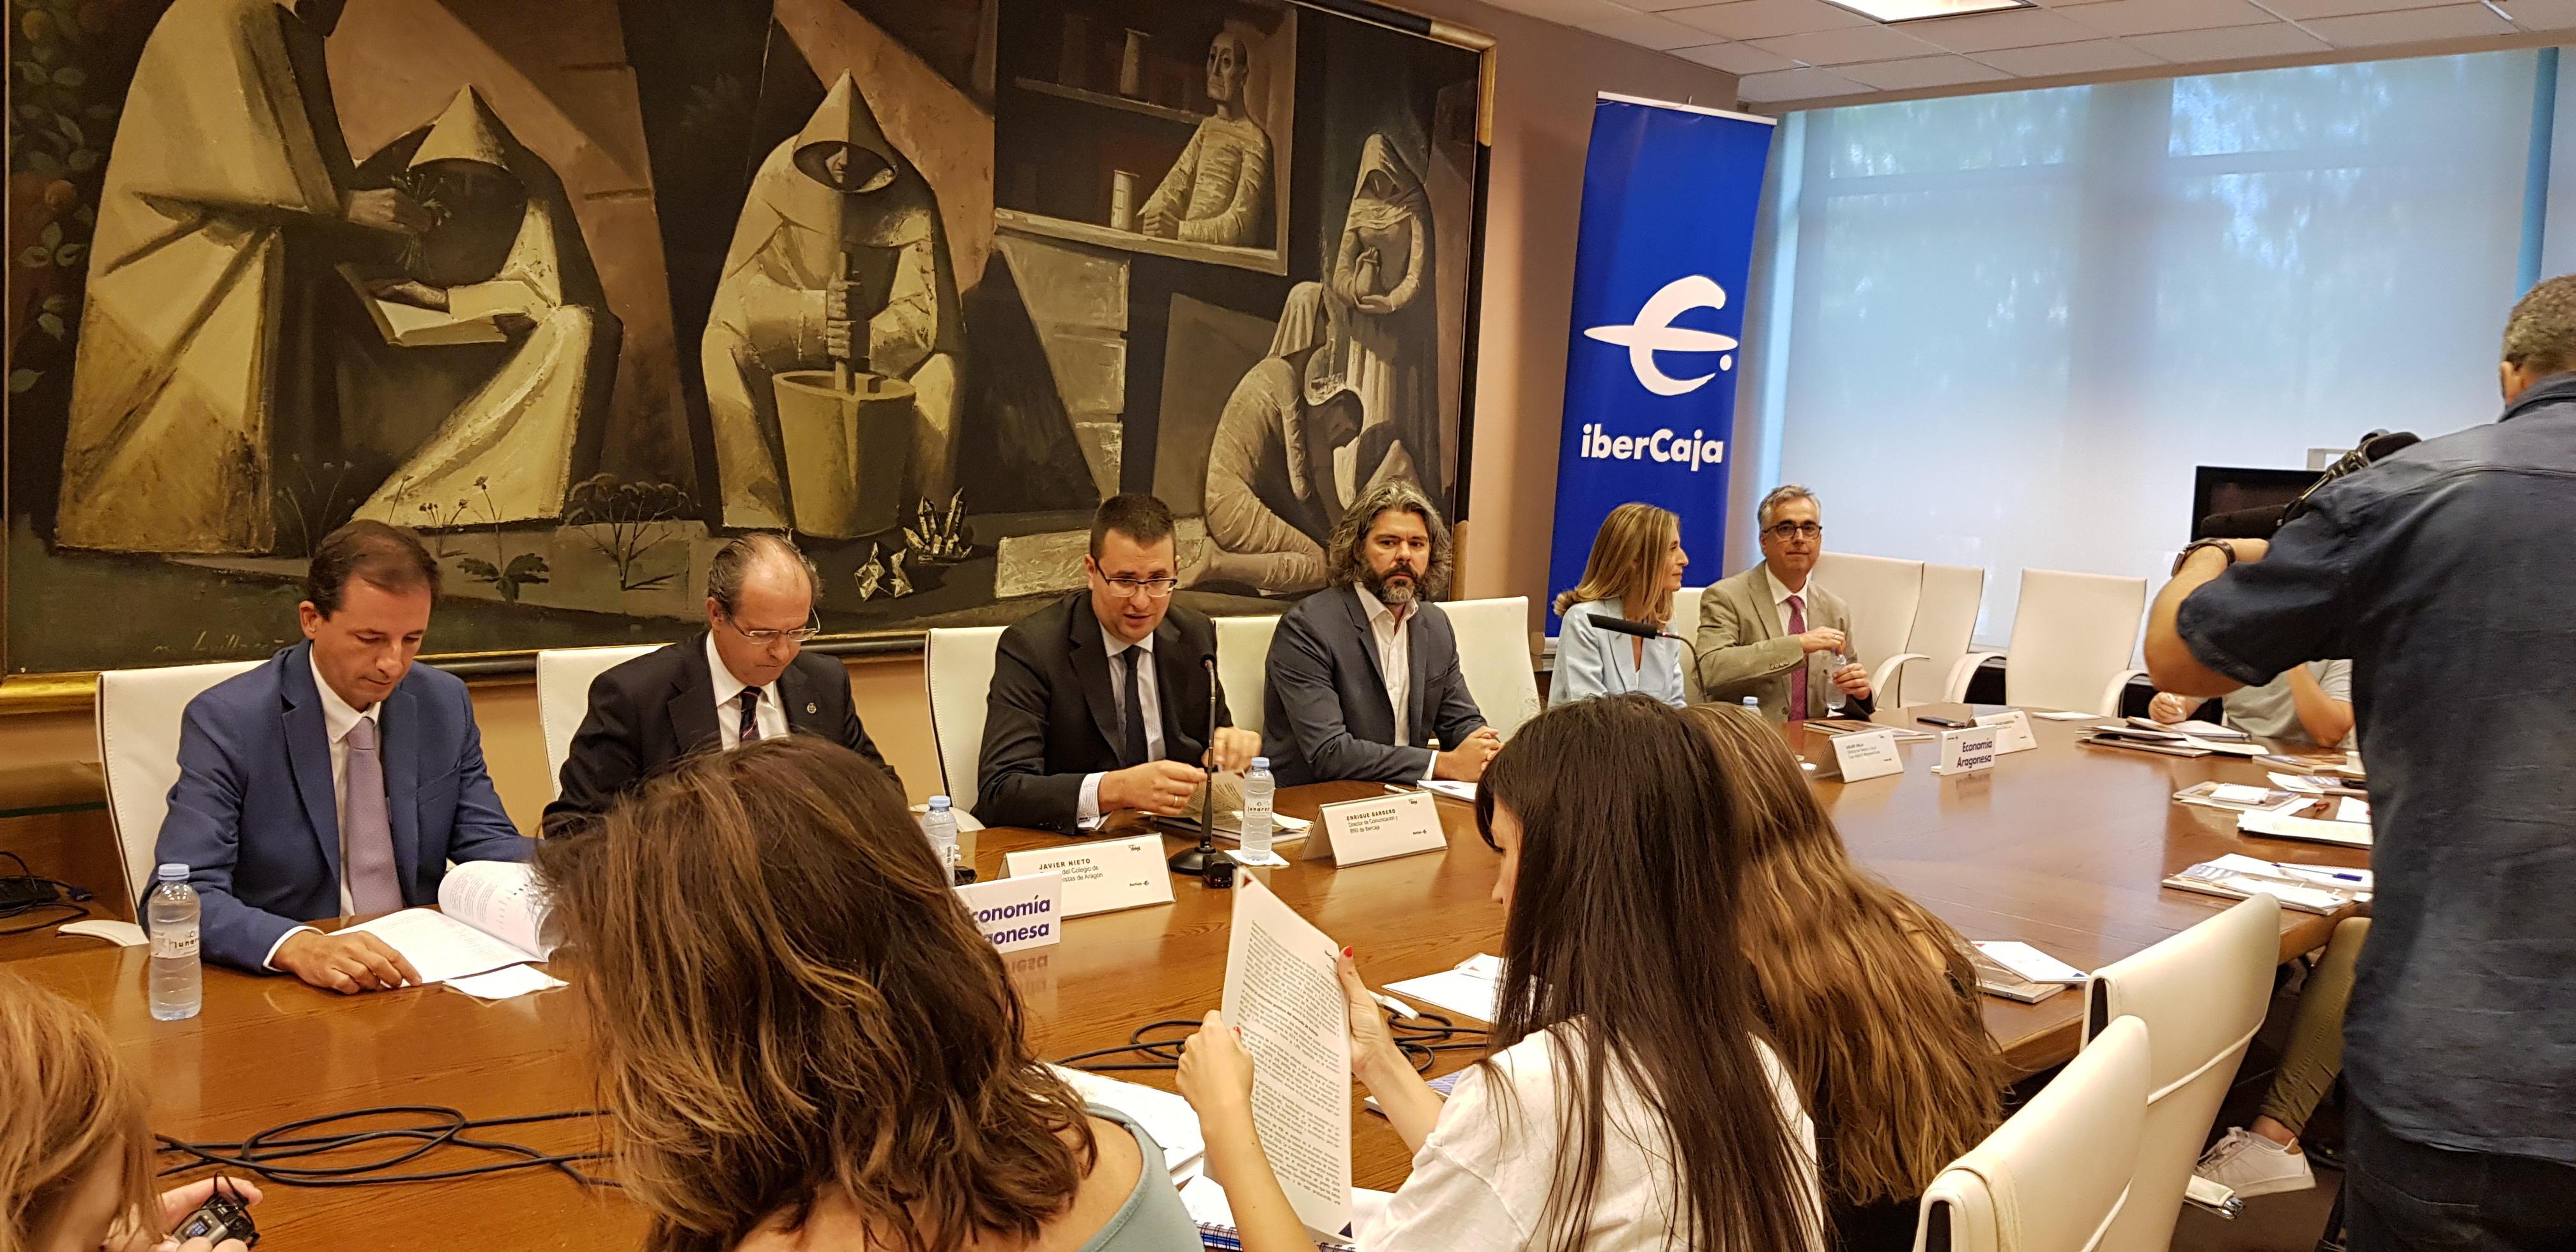 Imagen de la noticia sobre Participación monográfico -Revista Economía Aragonesa Ibercaja